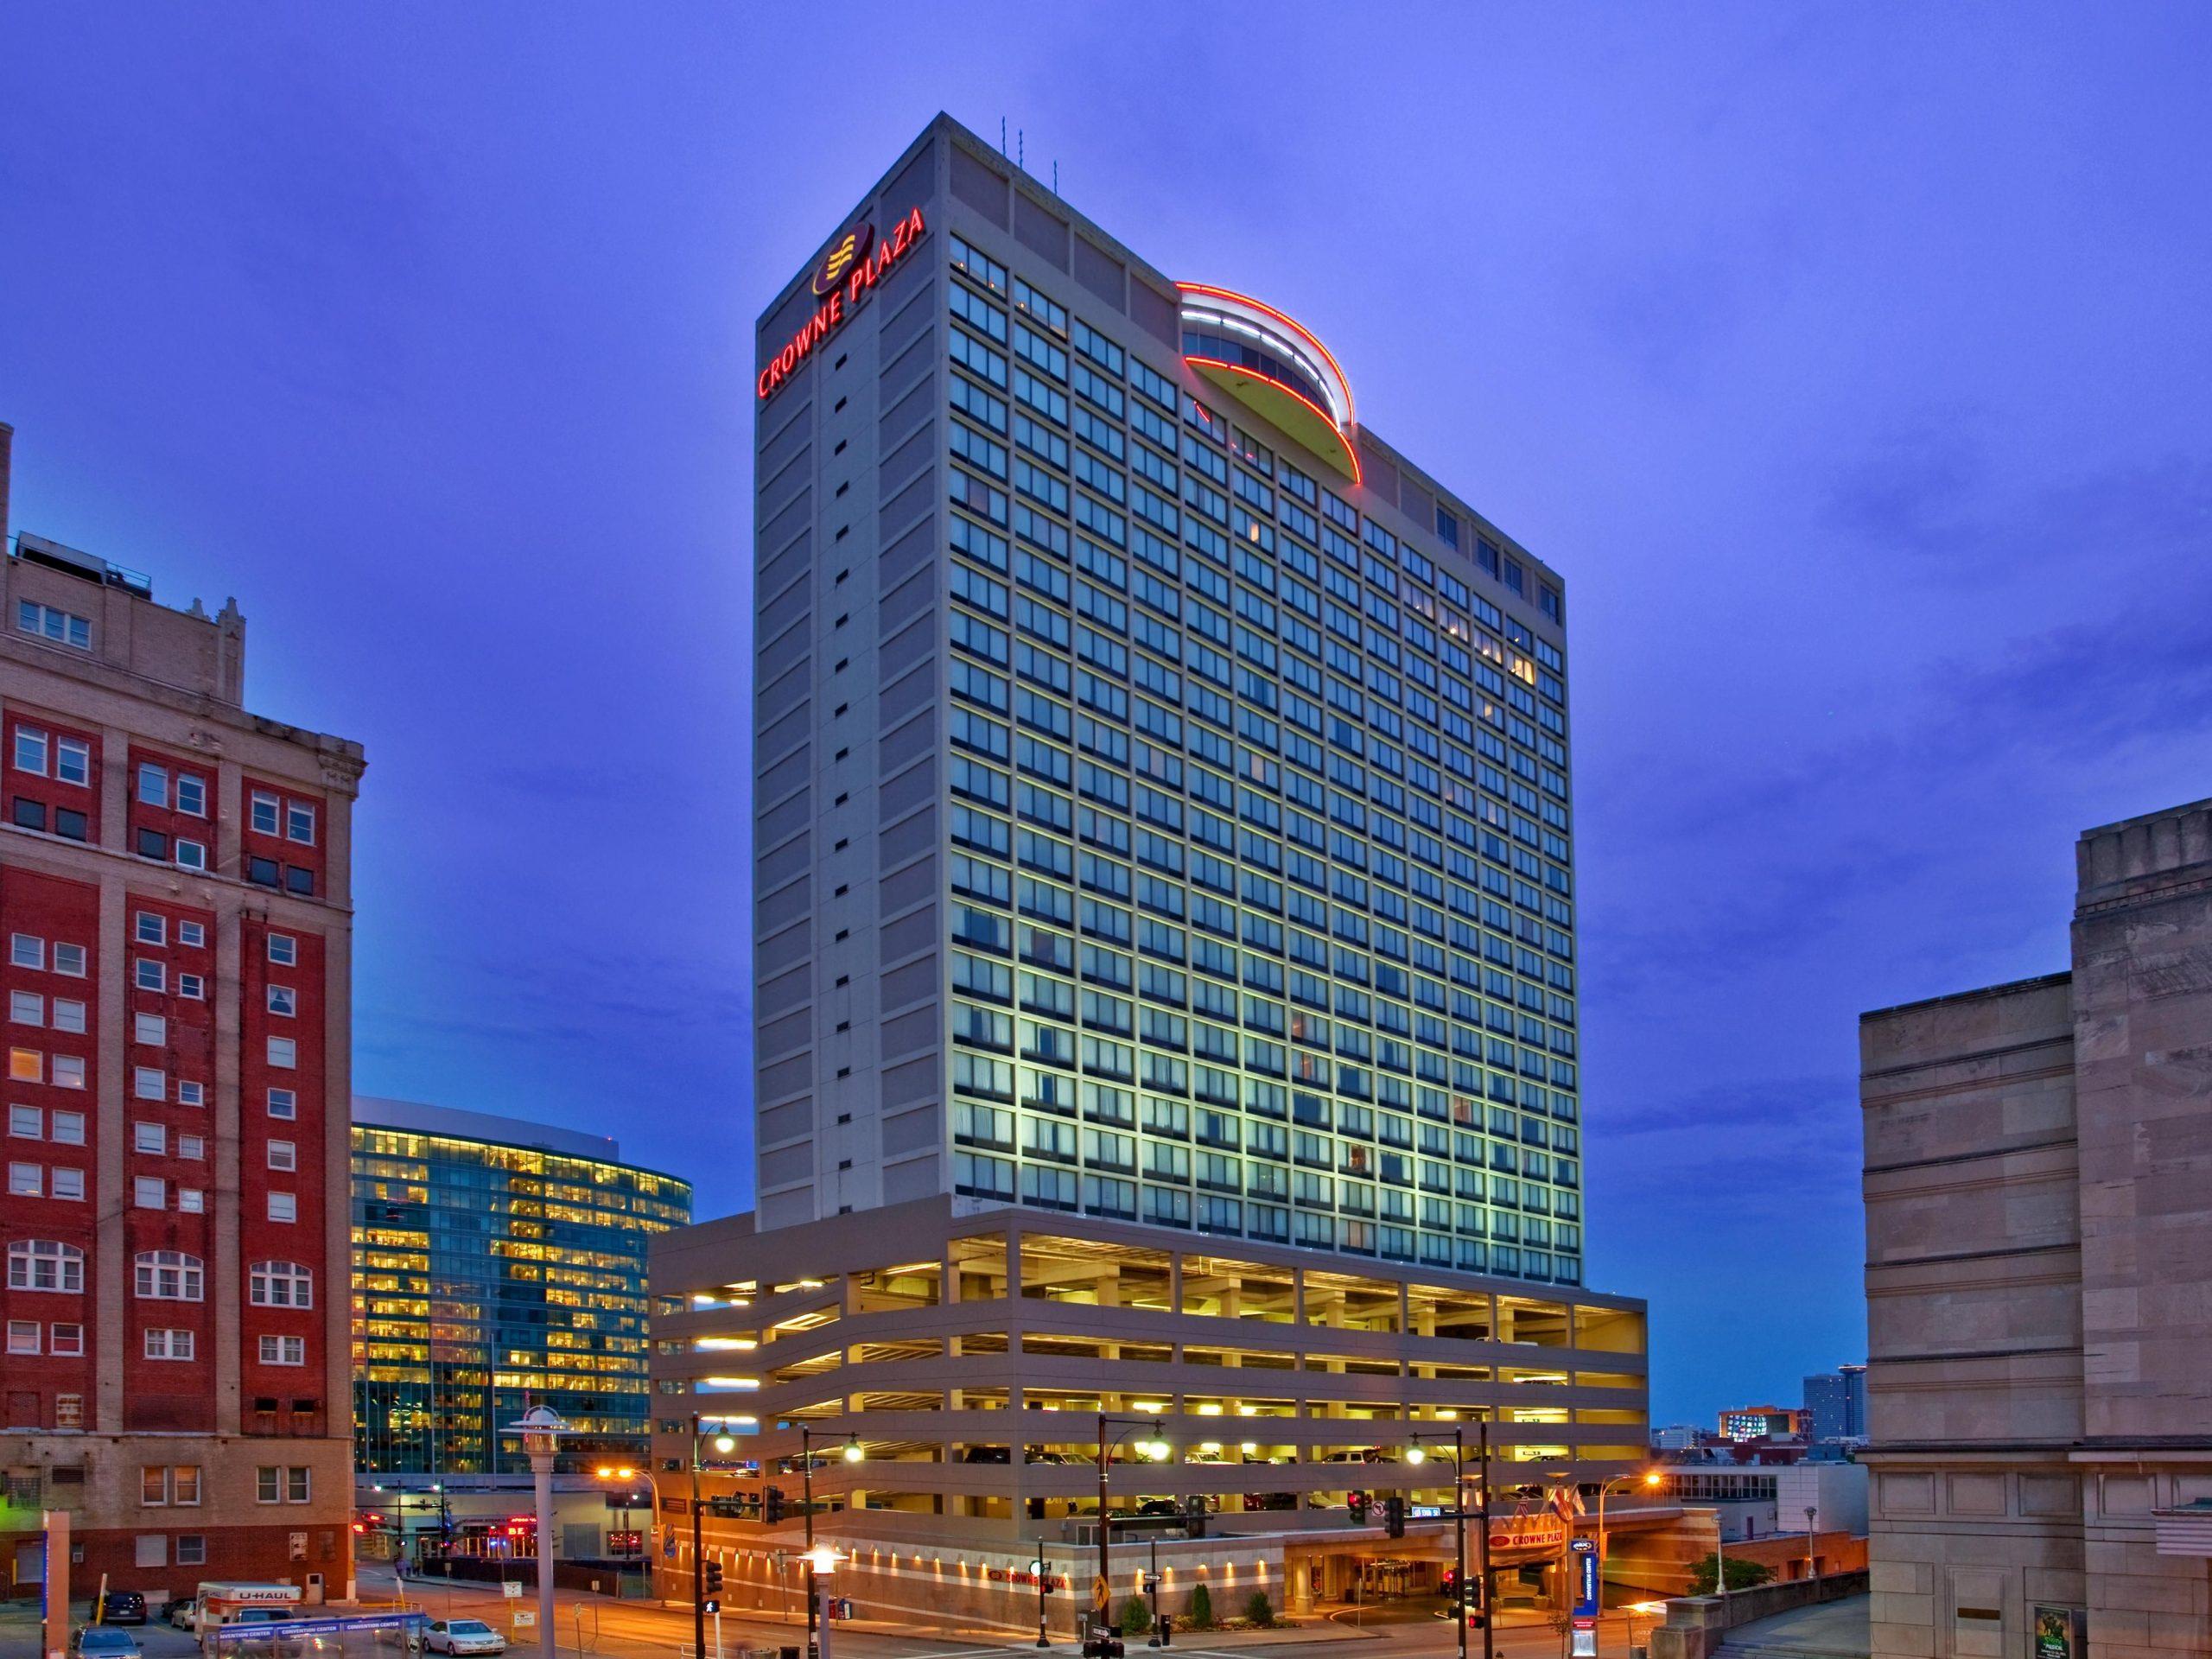 أفضل فنادق كانساس في 2022